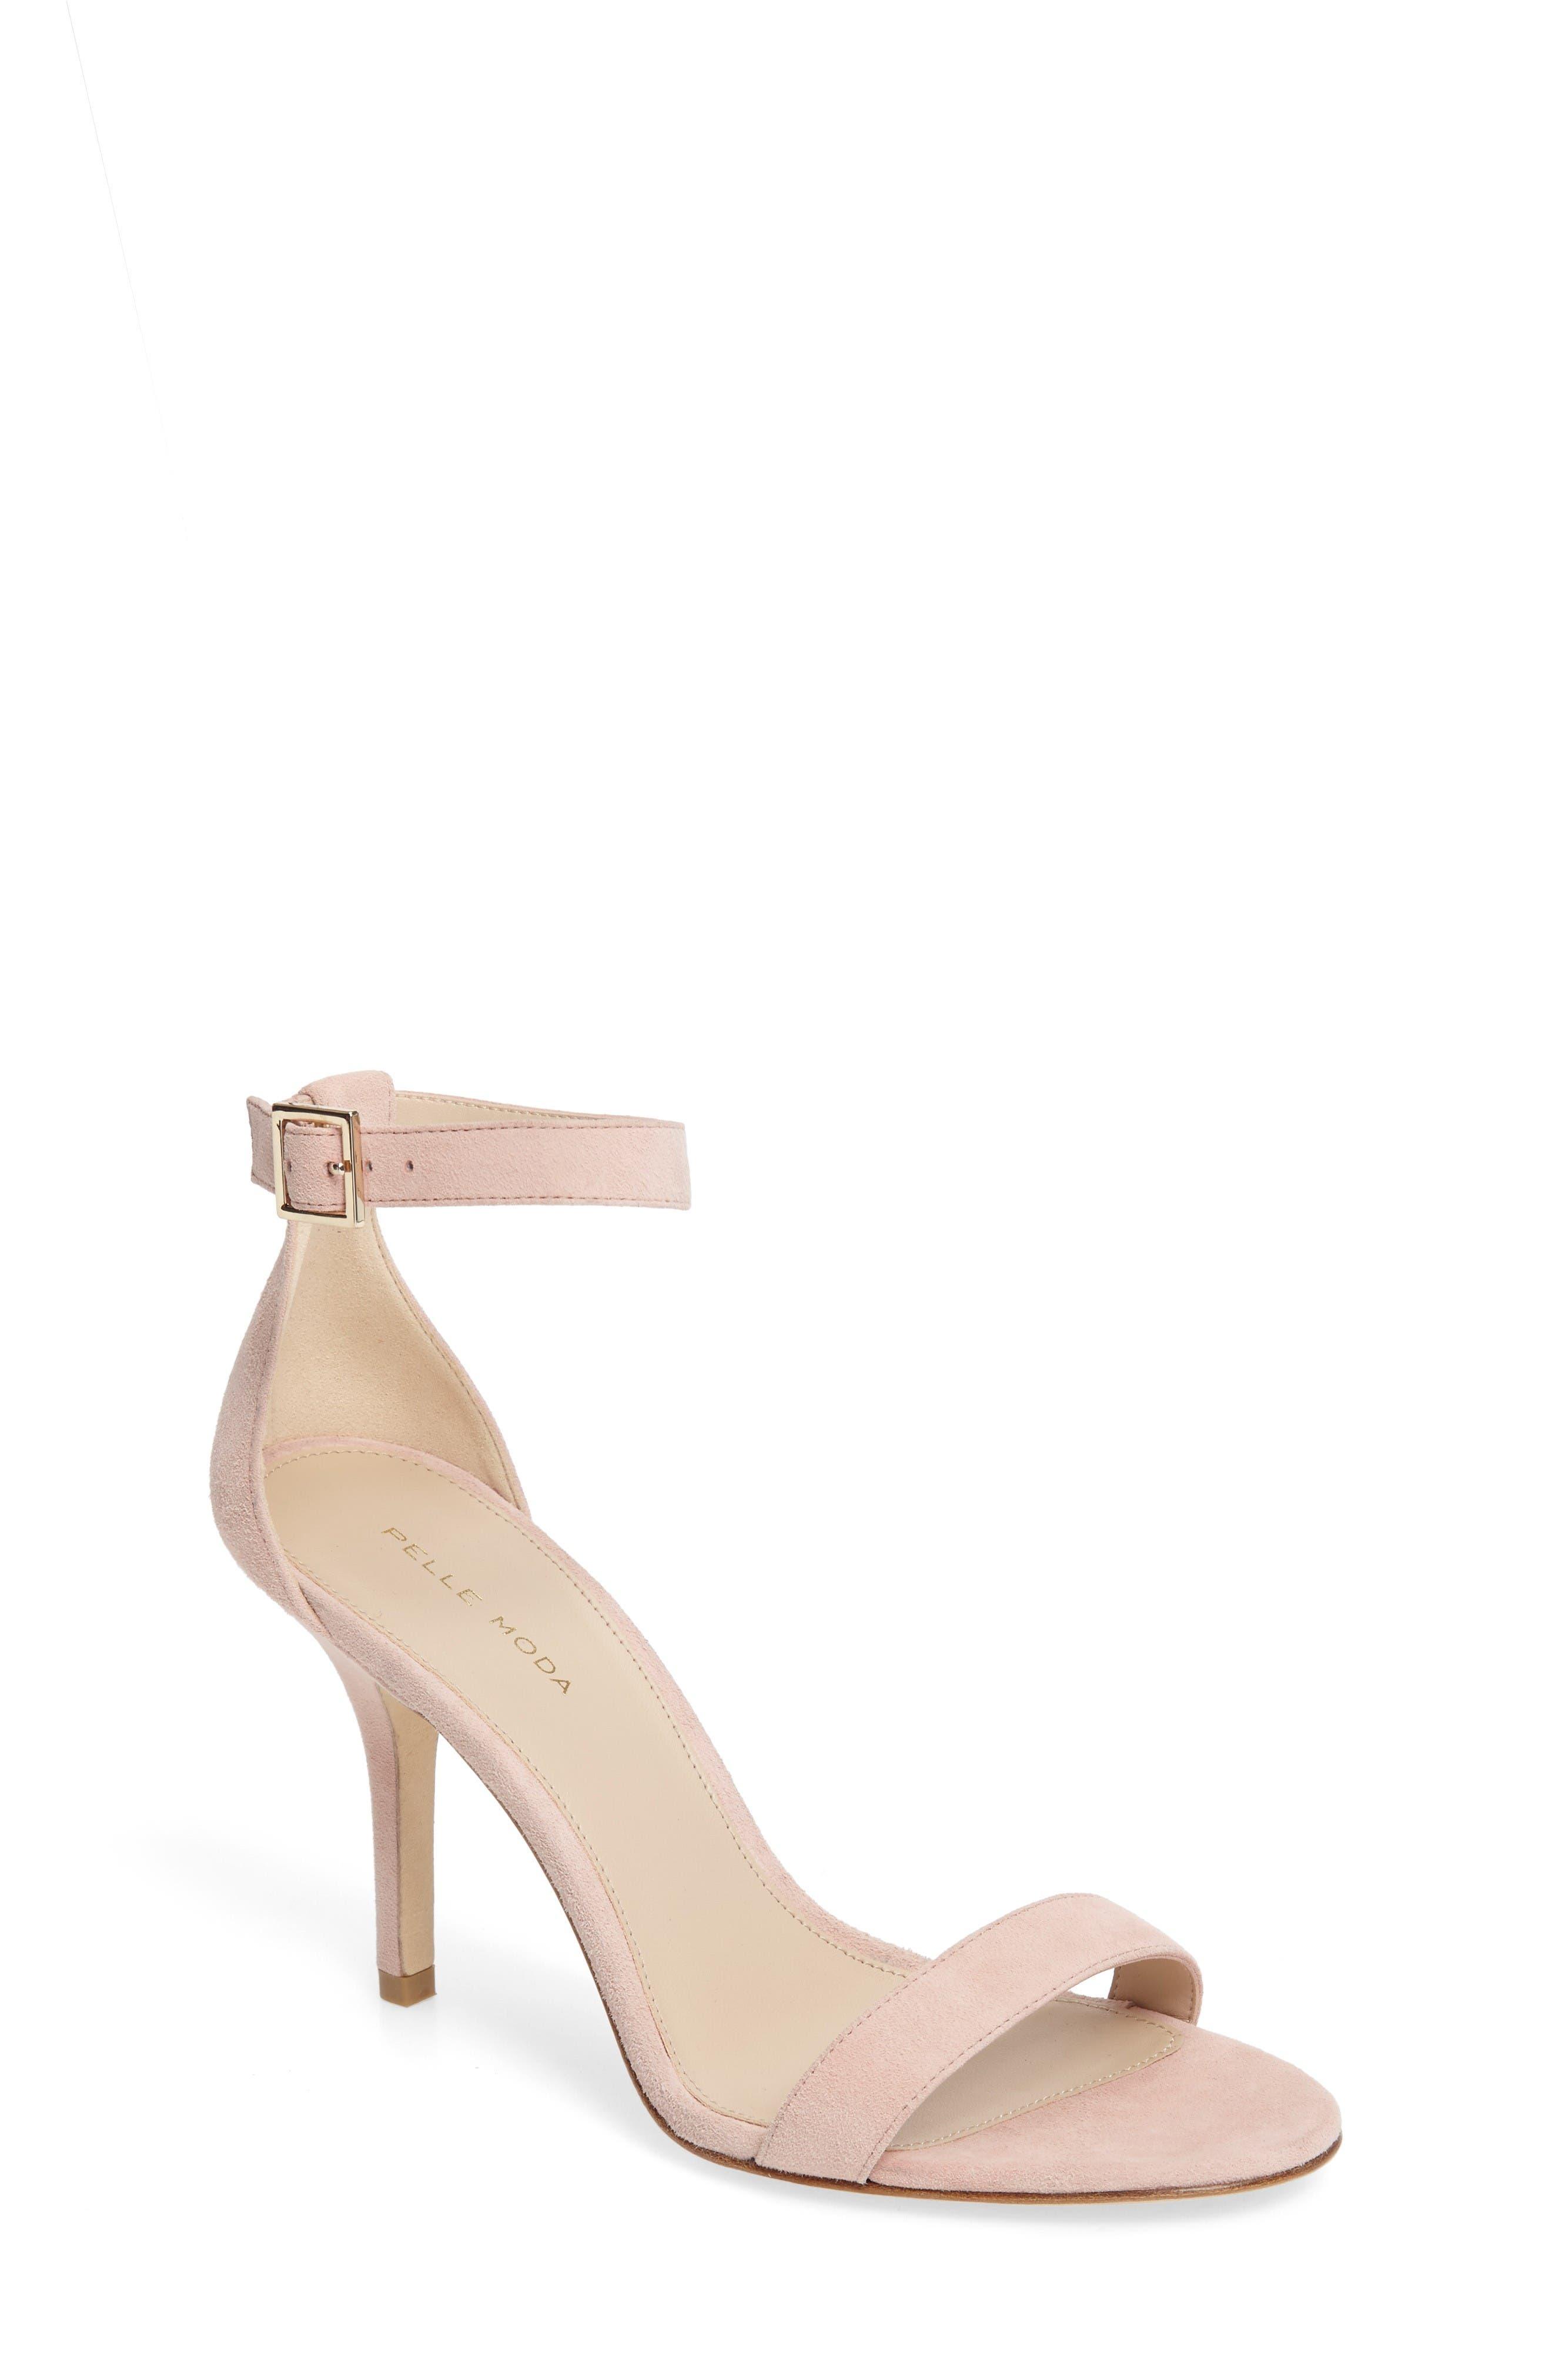 Alternate Image 1 Selected - Pelle Moda 'Kacey' Sandal (Women)